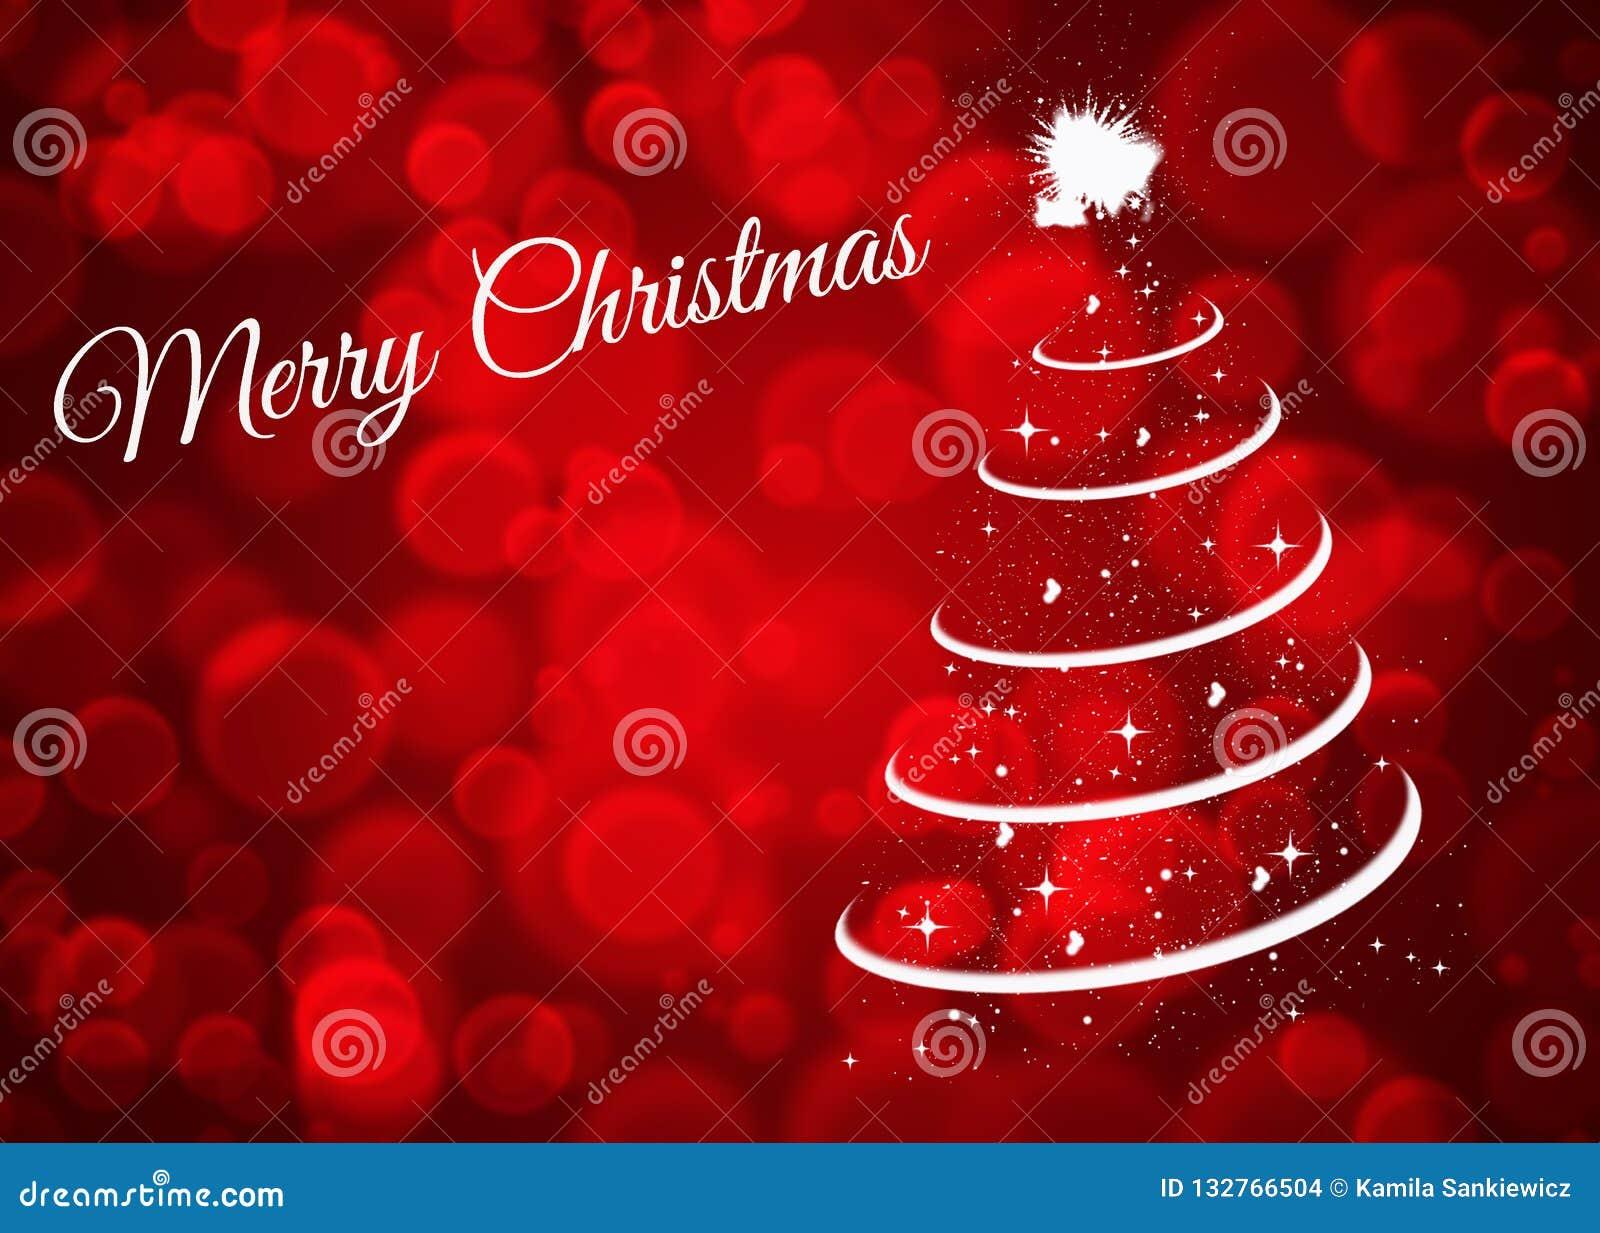 Kerstkaart met Kerstmisboom op rode achtergrond